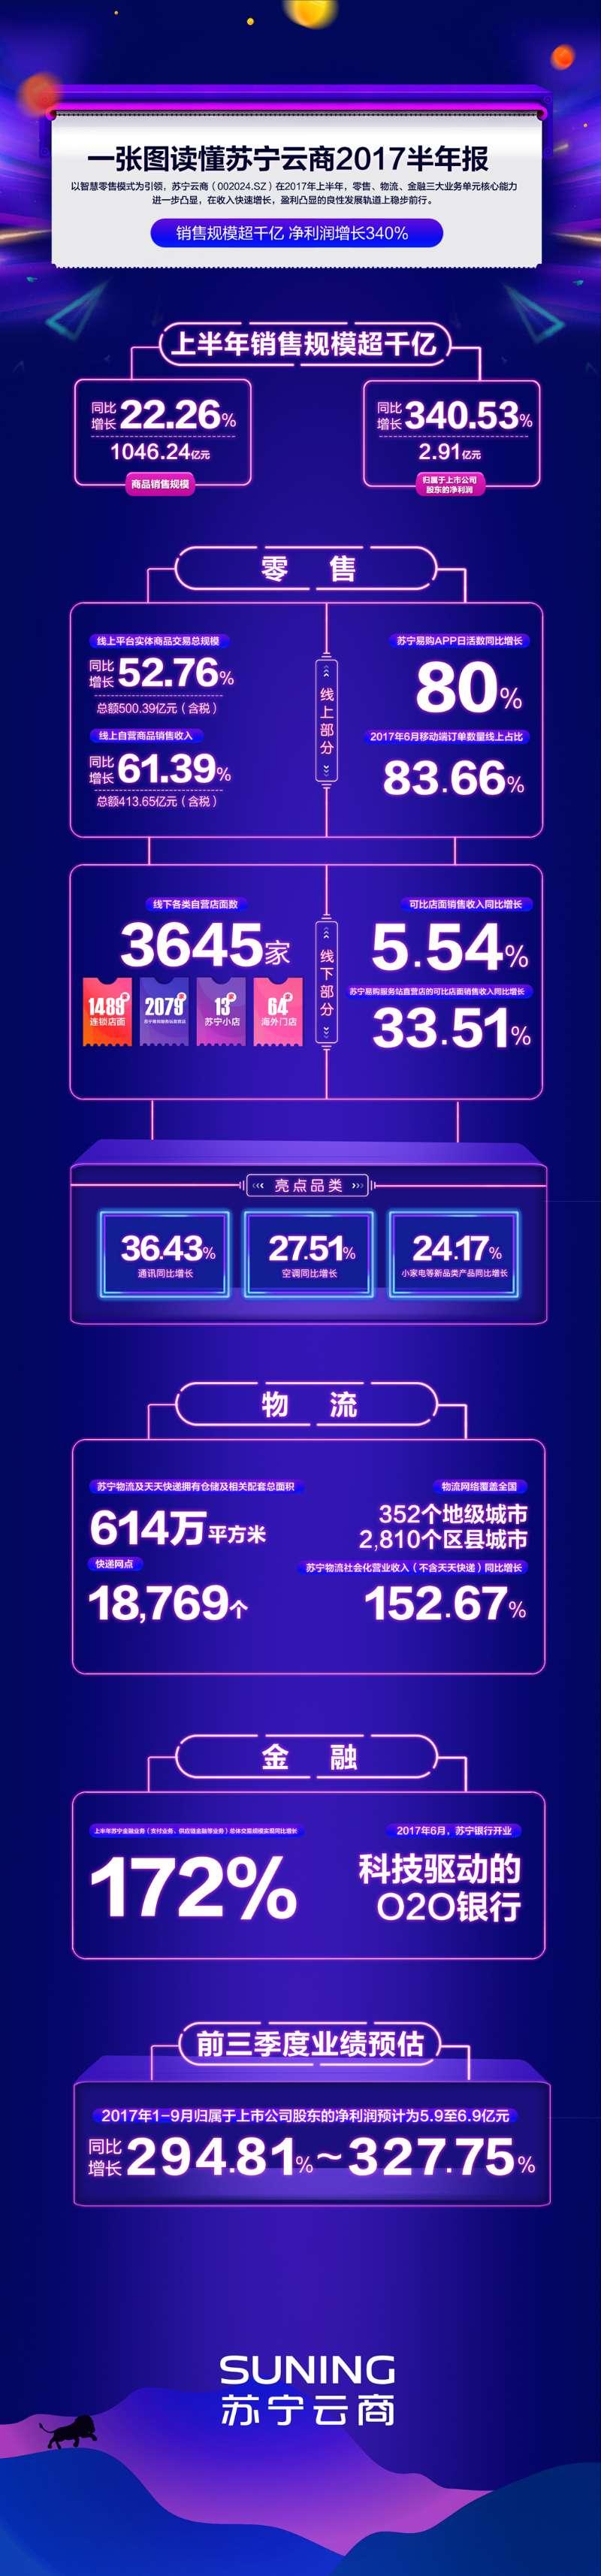 智慧零售模式发力  苏宁云商上半年净利润增长340%